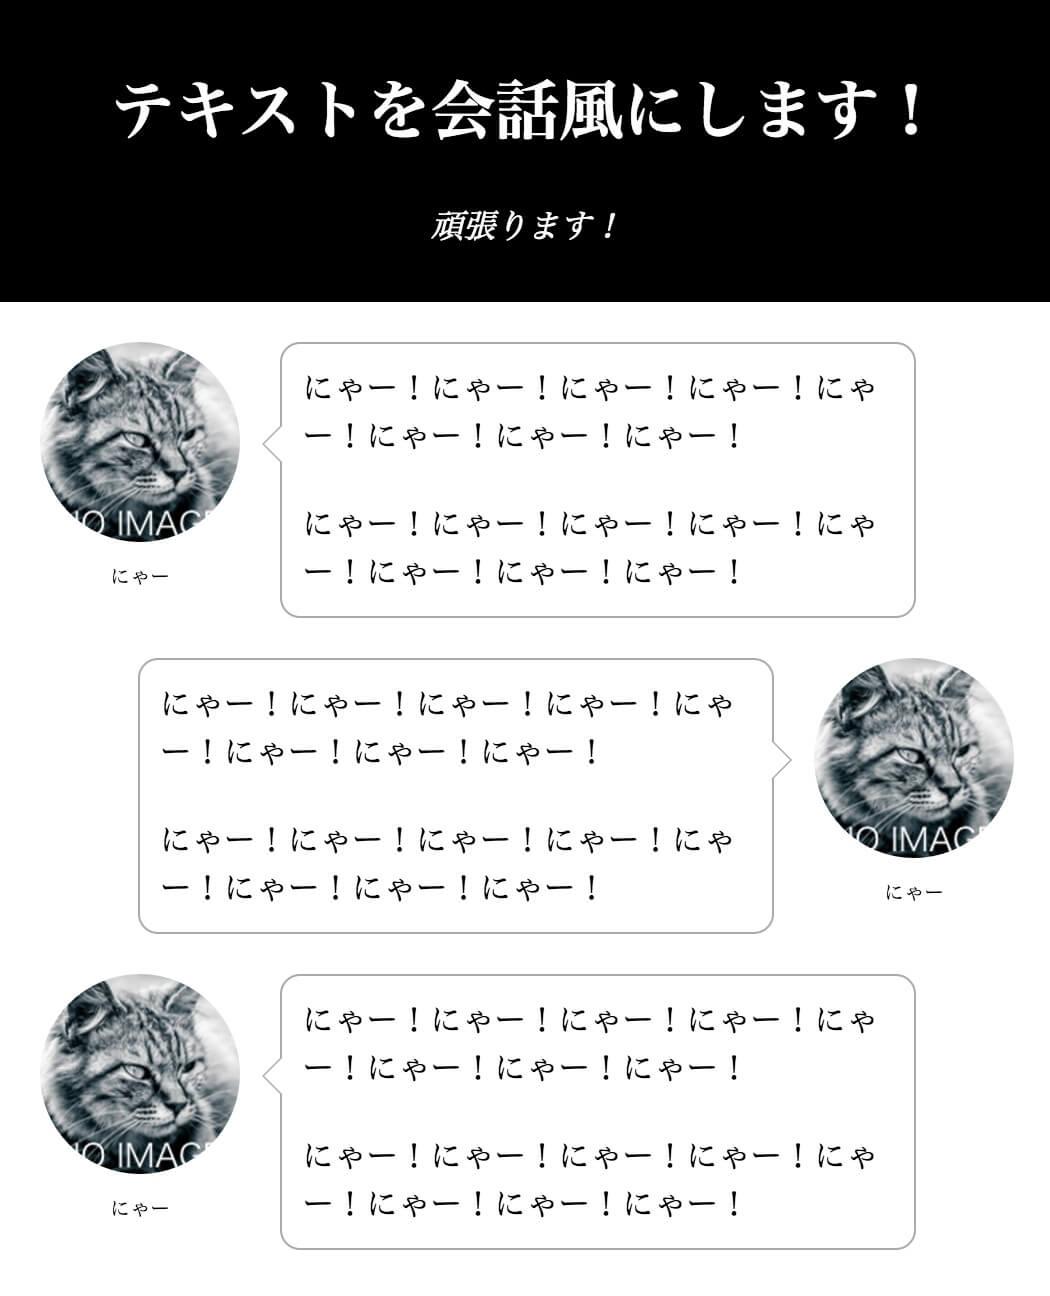 kaiwa-text-1